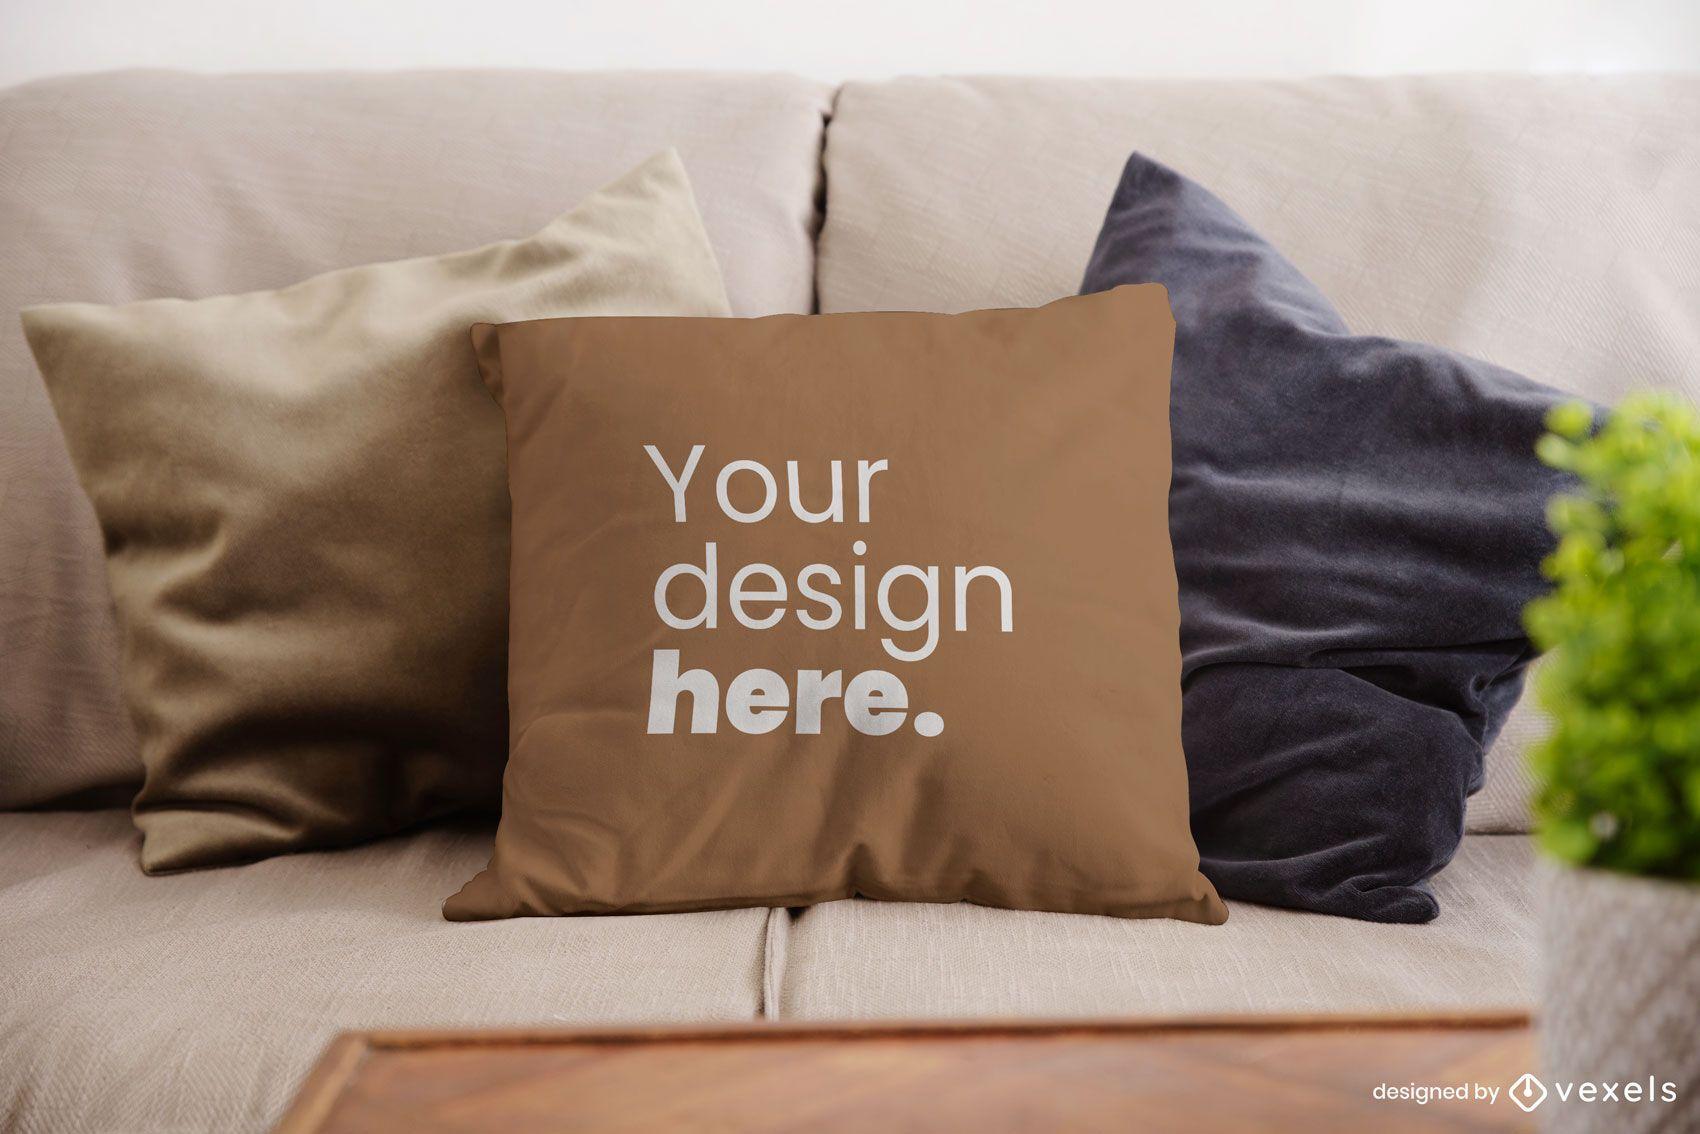 Diseño de maqueta de almohada de tiro de sofá psd